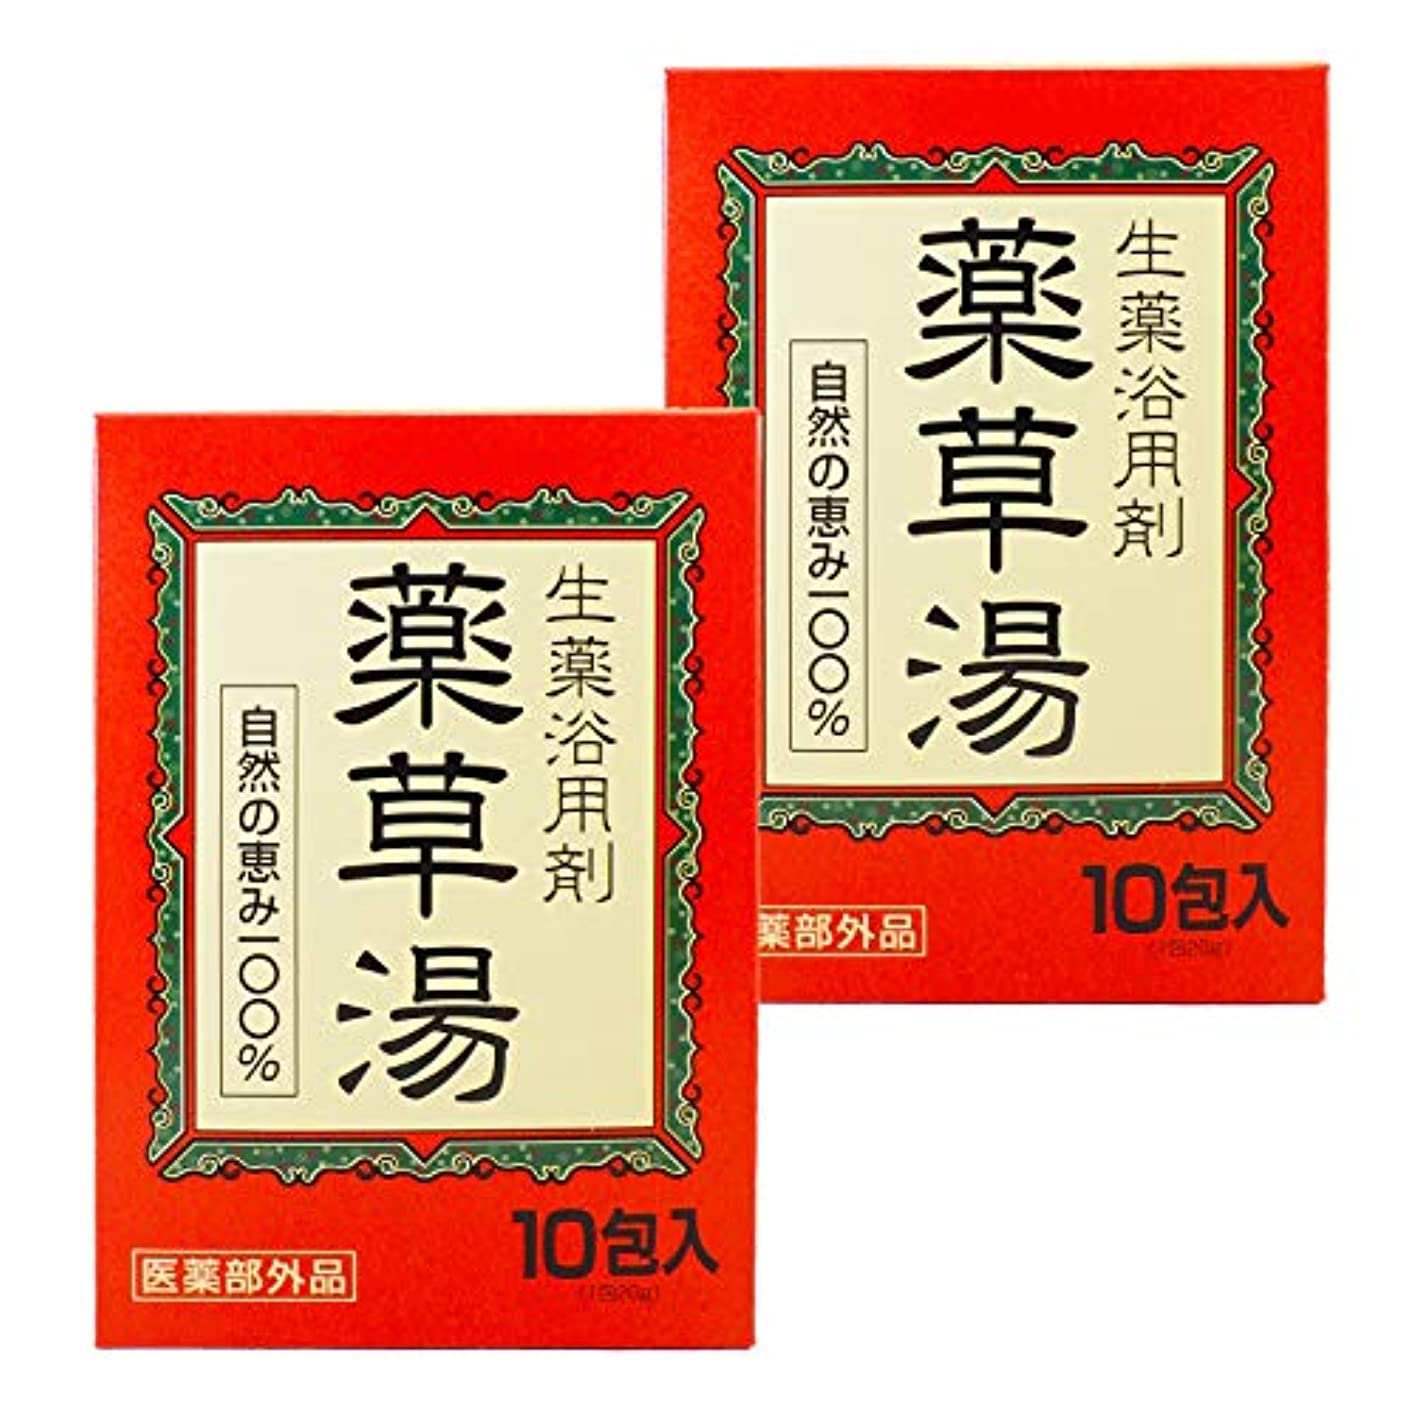 天井棚ソート【まとめ買い】 薬草湯 生薬浴用剤 10包入×2個 自然のめぐみ100% 医薬部外品